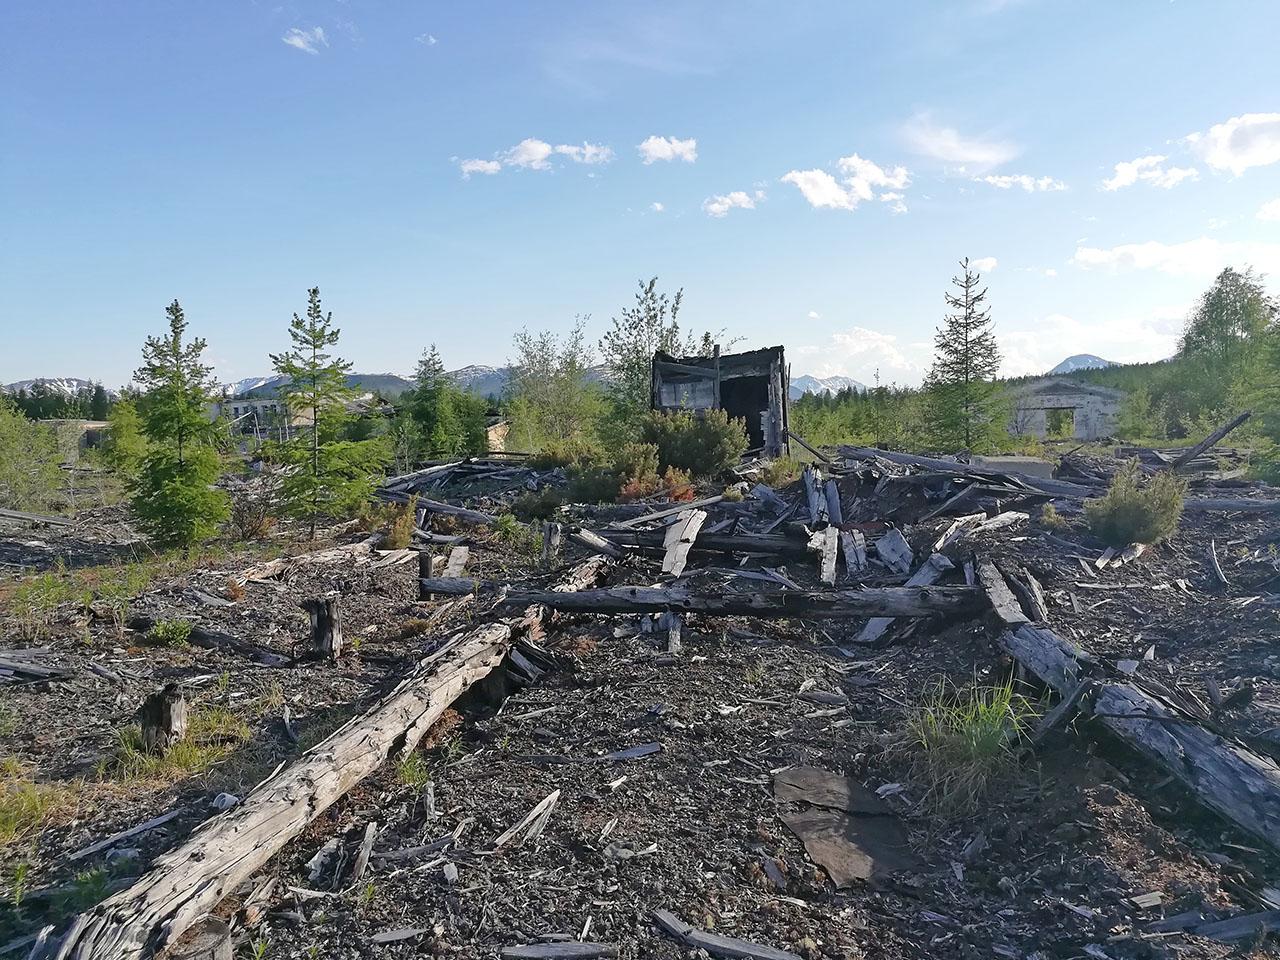 Посёлок Арарат. Разрушенные цеха. Фото из архива Елены Полищук. 2018 год.